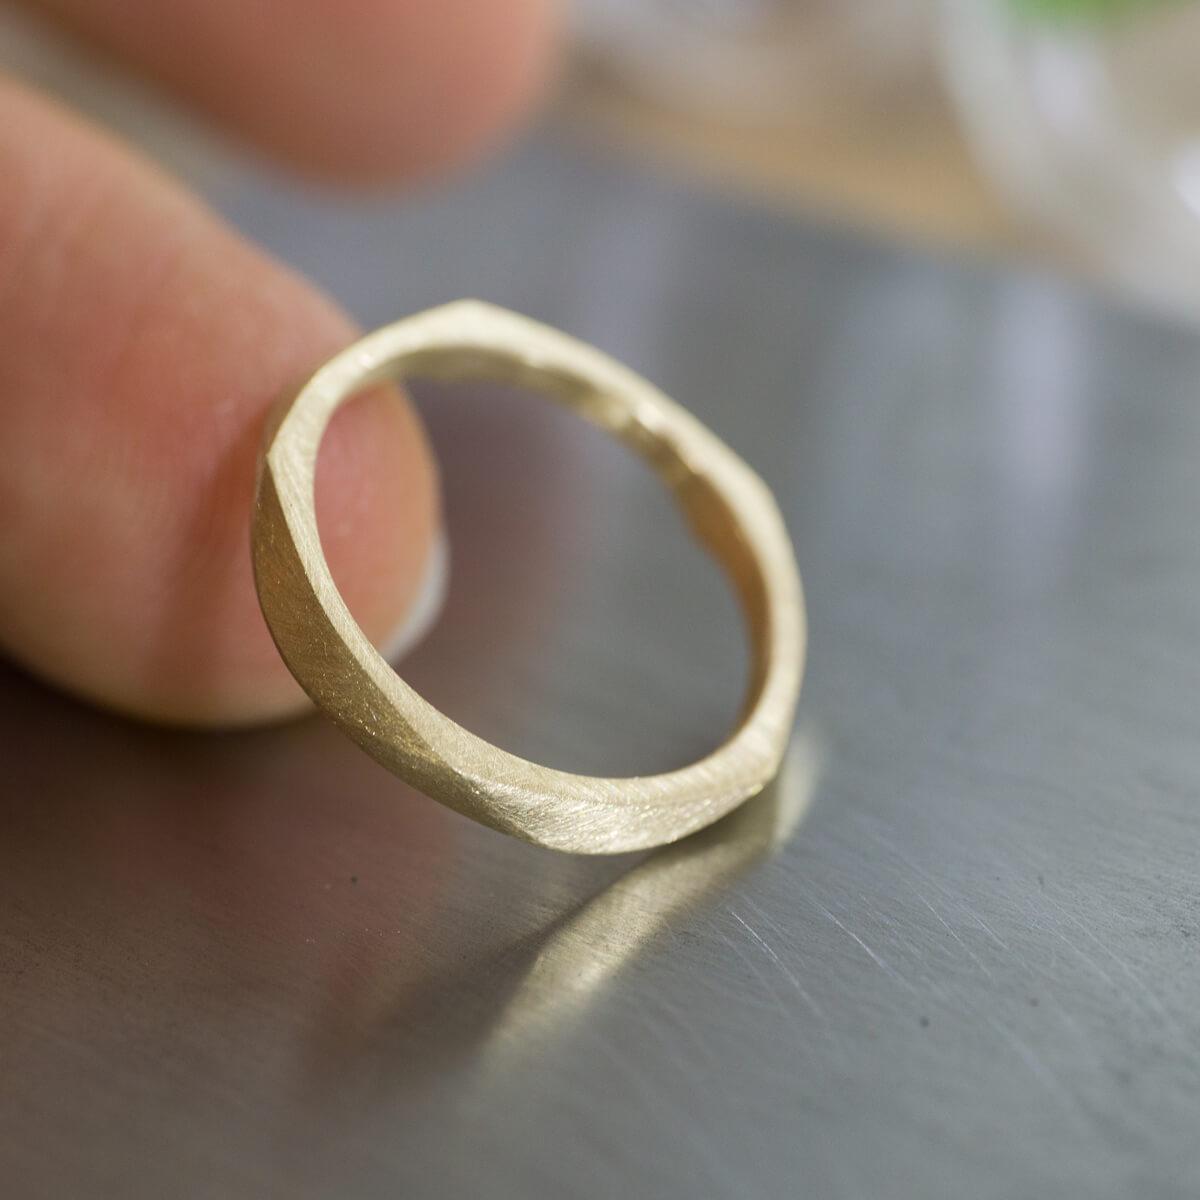 角度2 指に添えて オーダーメイドマリッジリング ジュエリーのアトリエに指輪 ゴールド 屋久島で作る結婚指輪